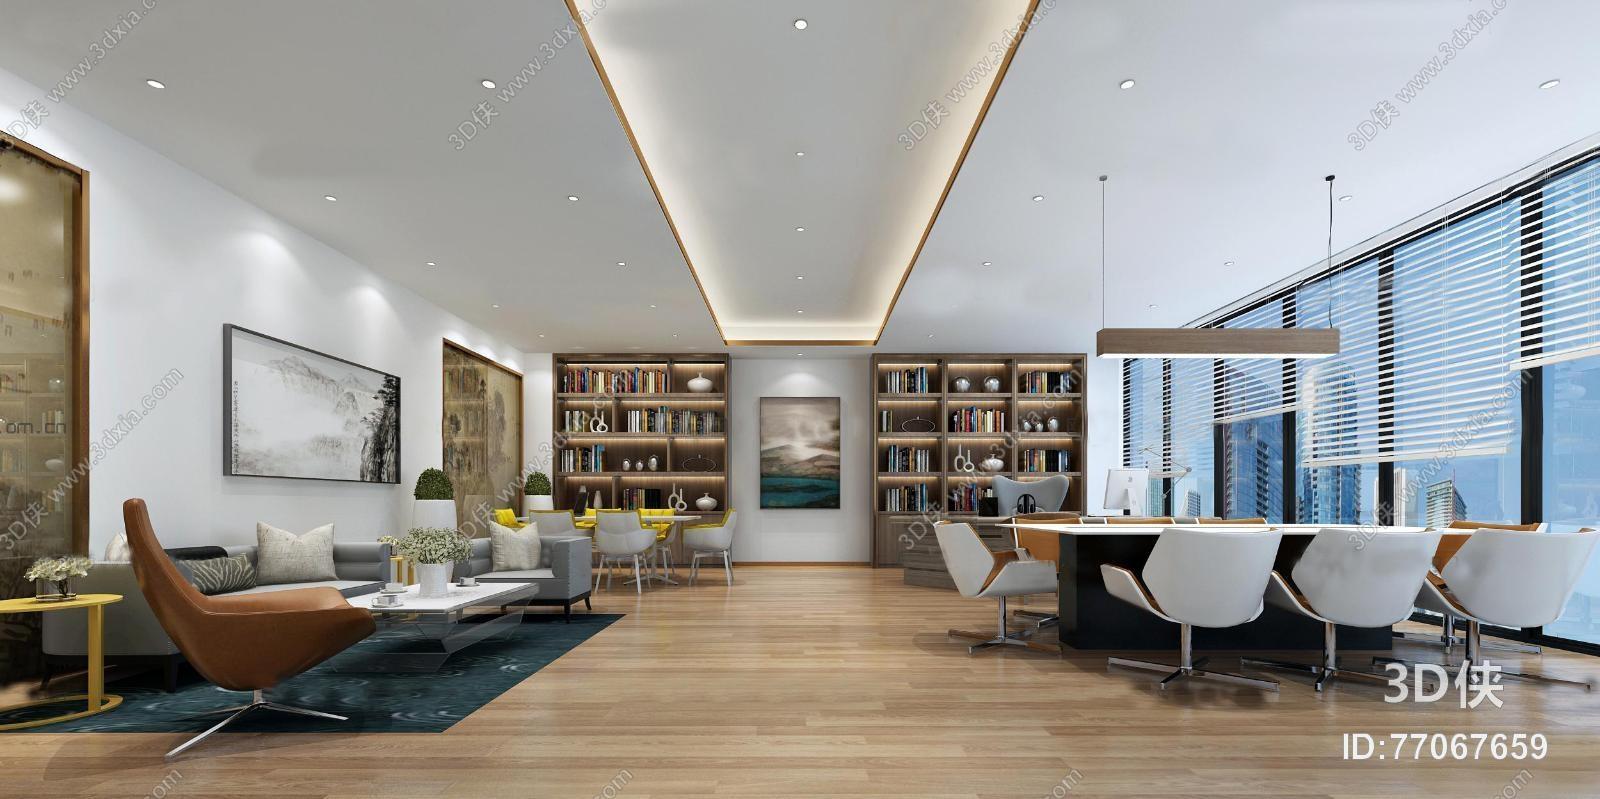 办公空间效果图素材免费下载,本作品主题是现代总经理办公室3d模型